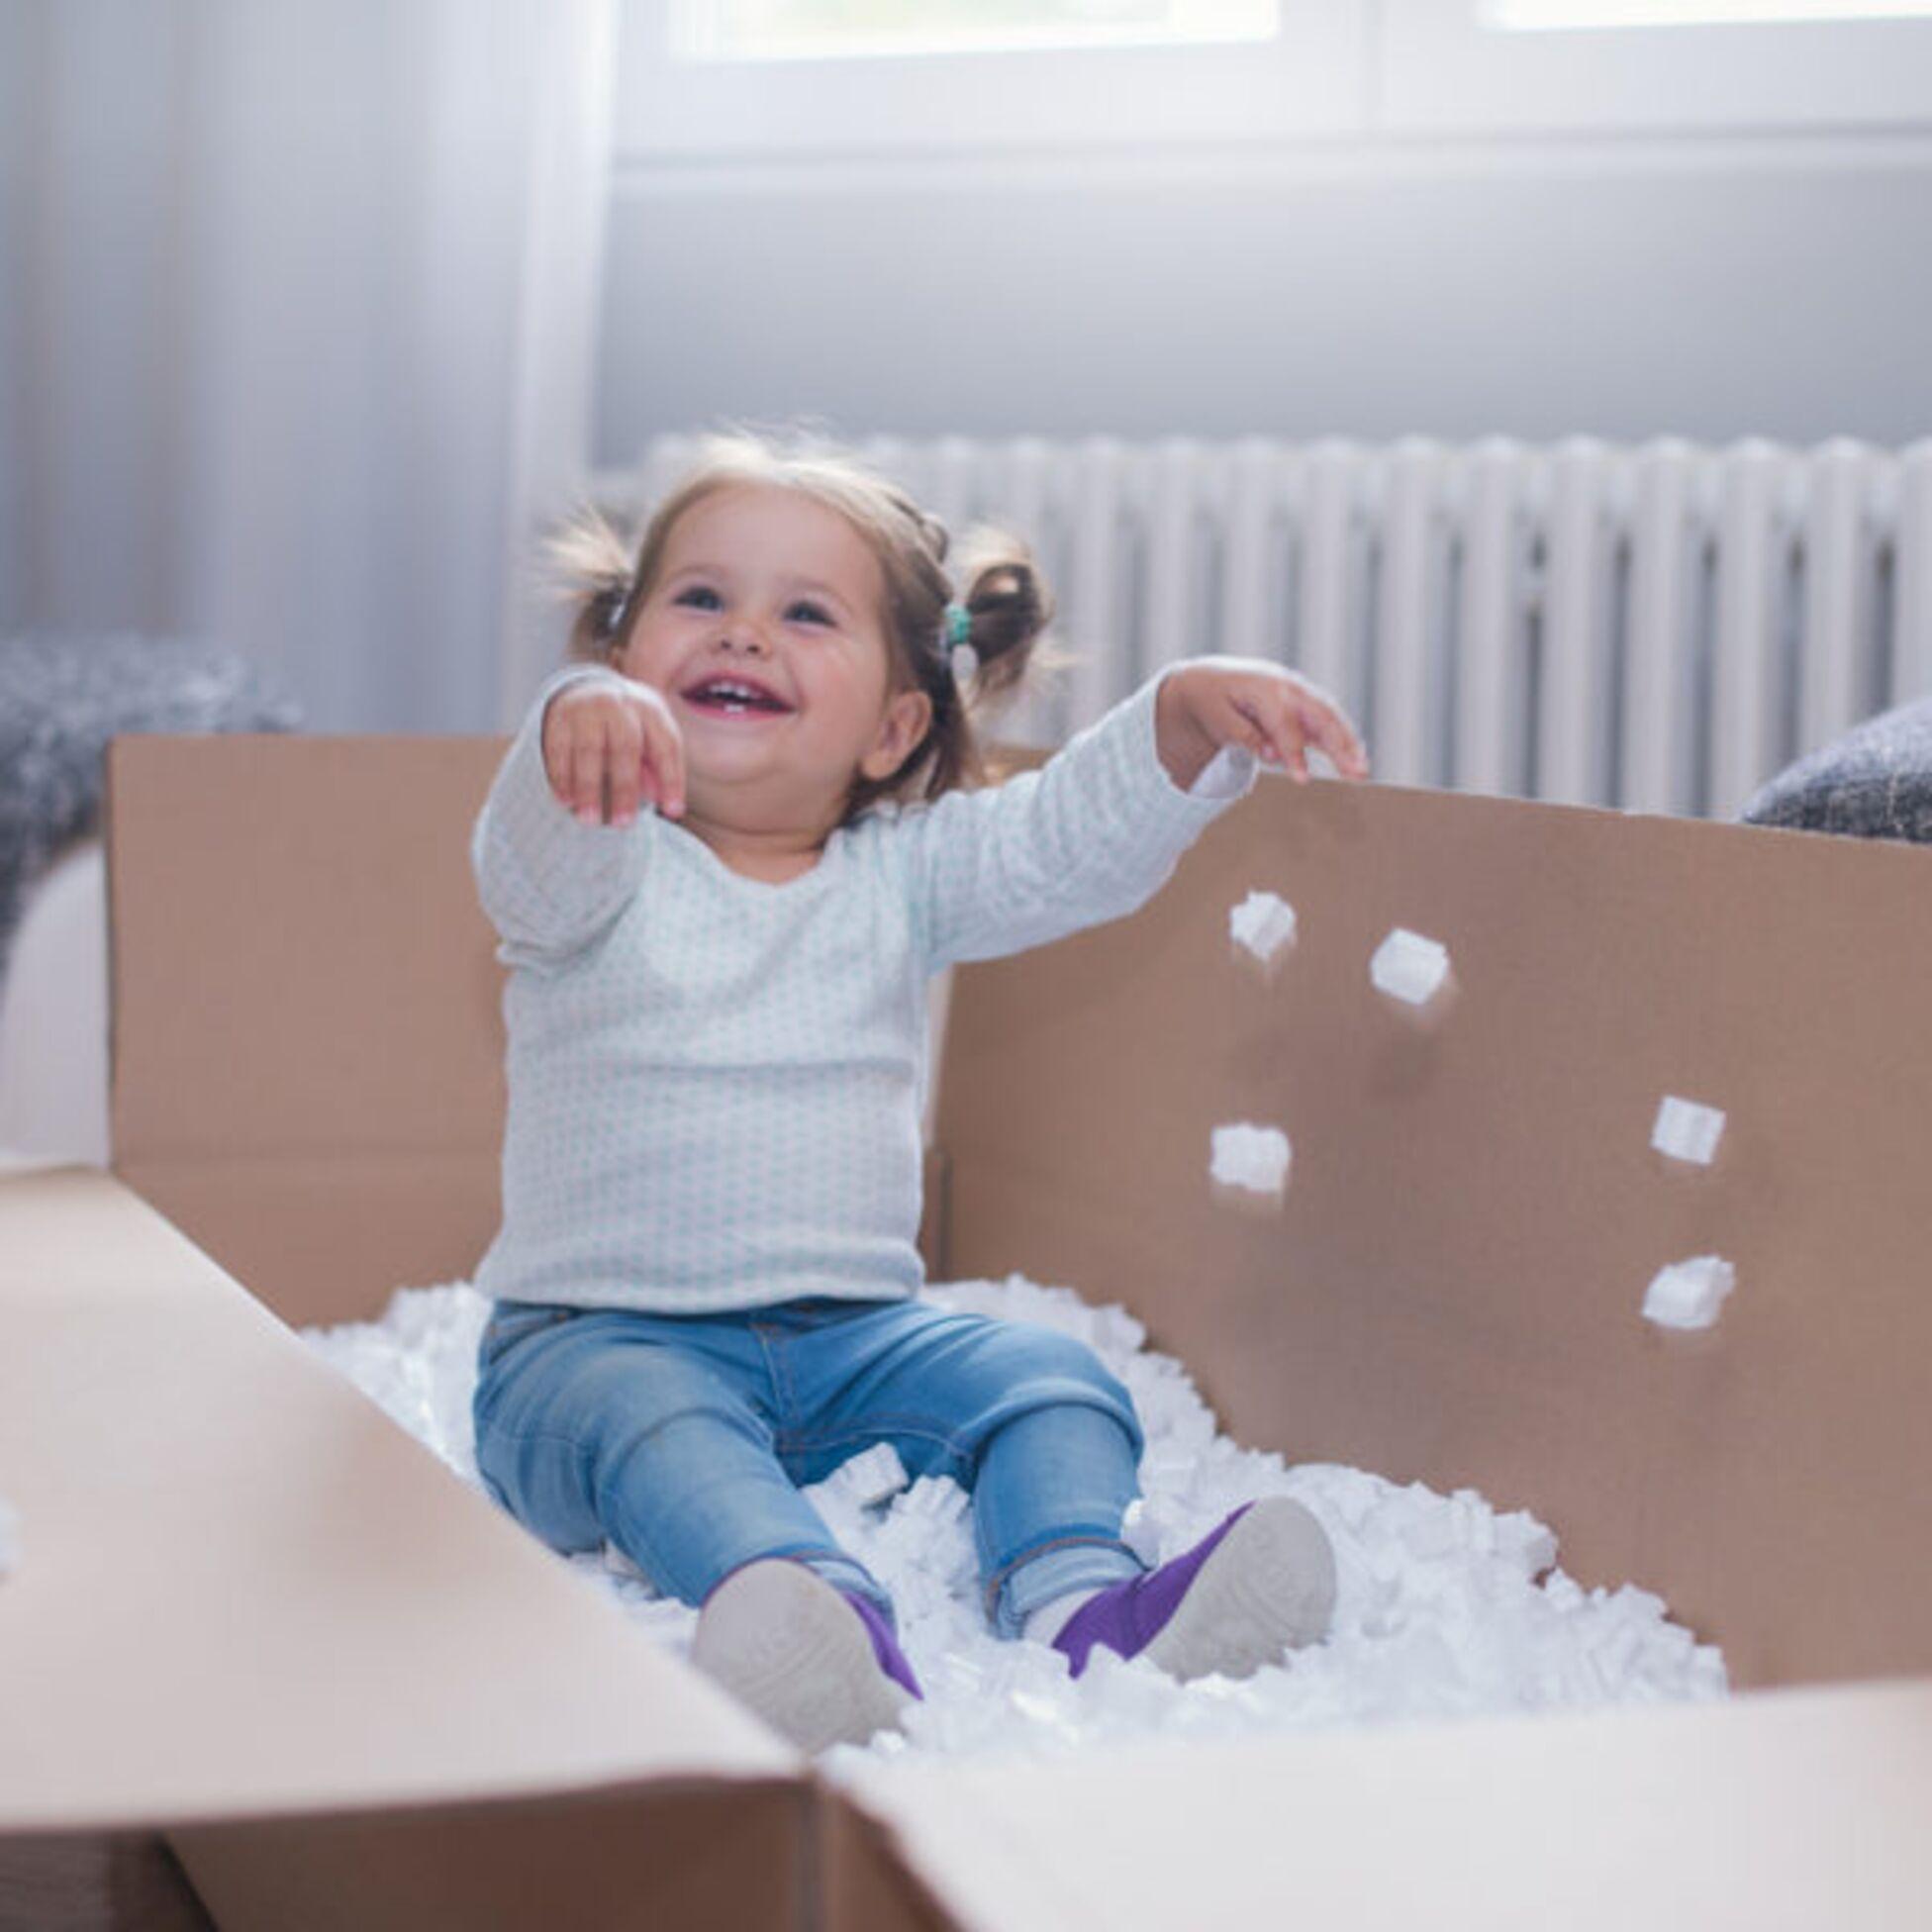 Kleinkind spielt mit Verpackungsmaterial in Umzugskiste